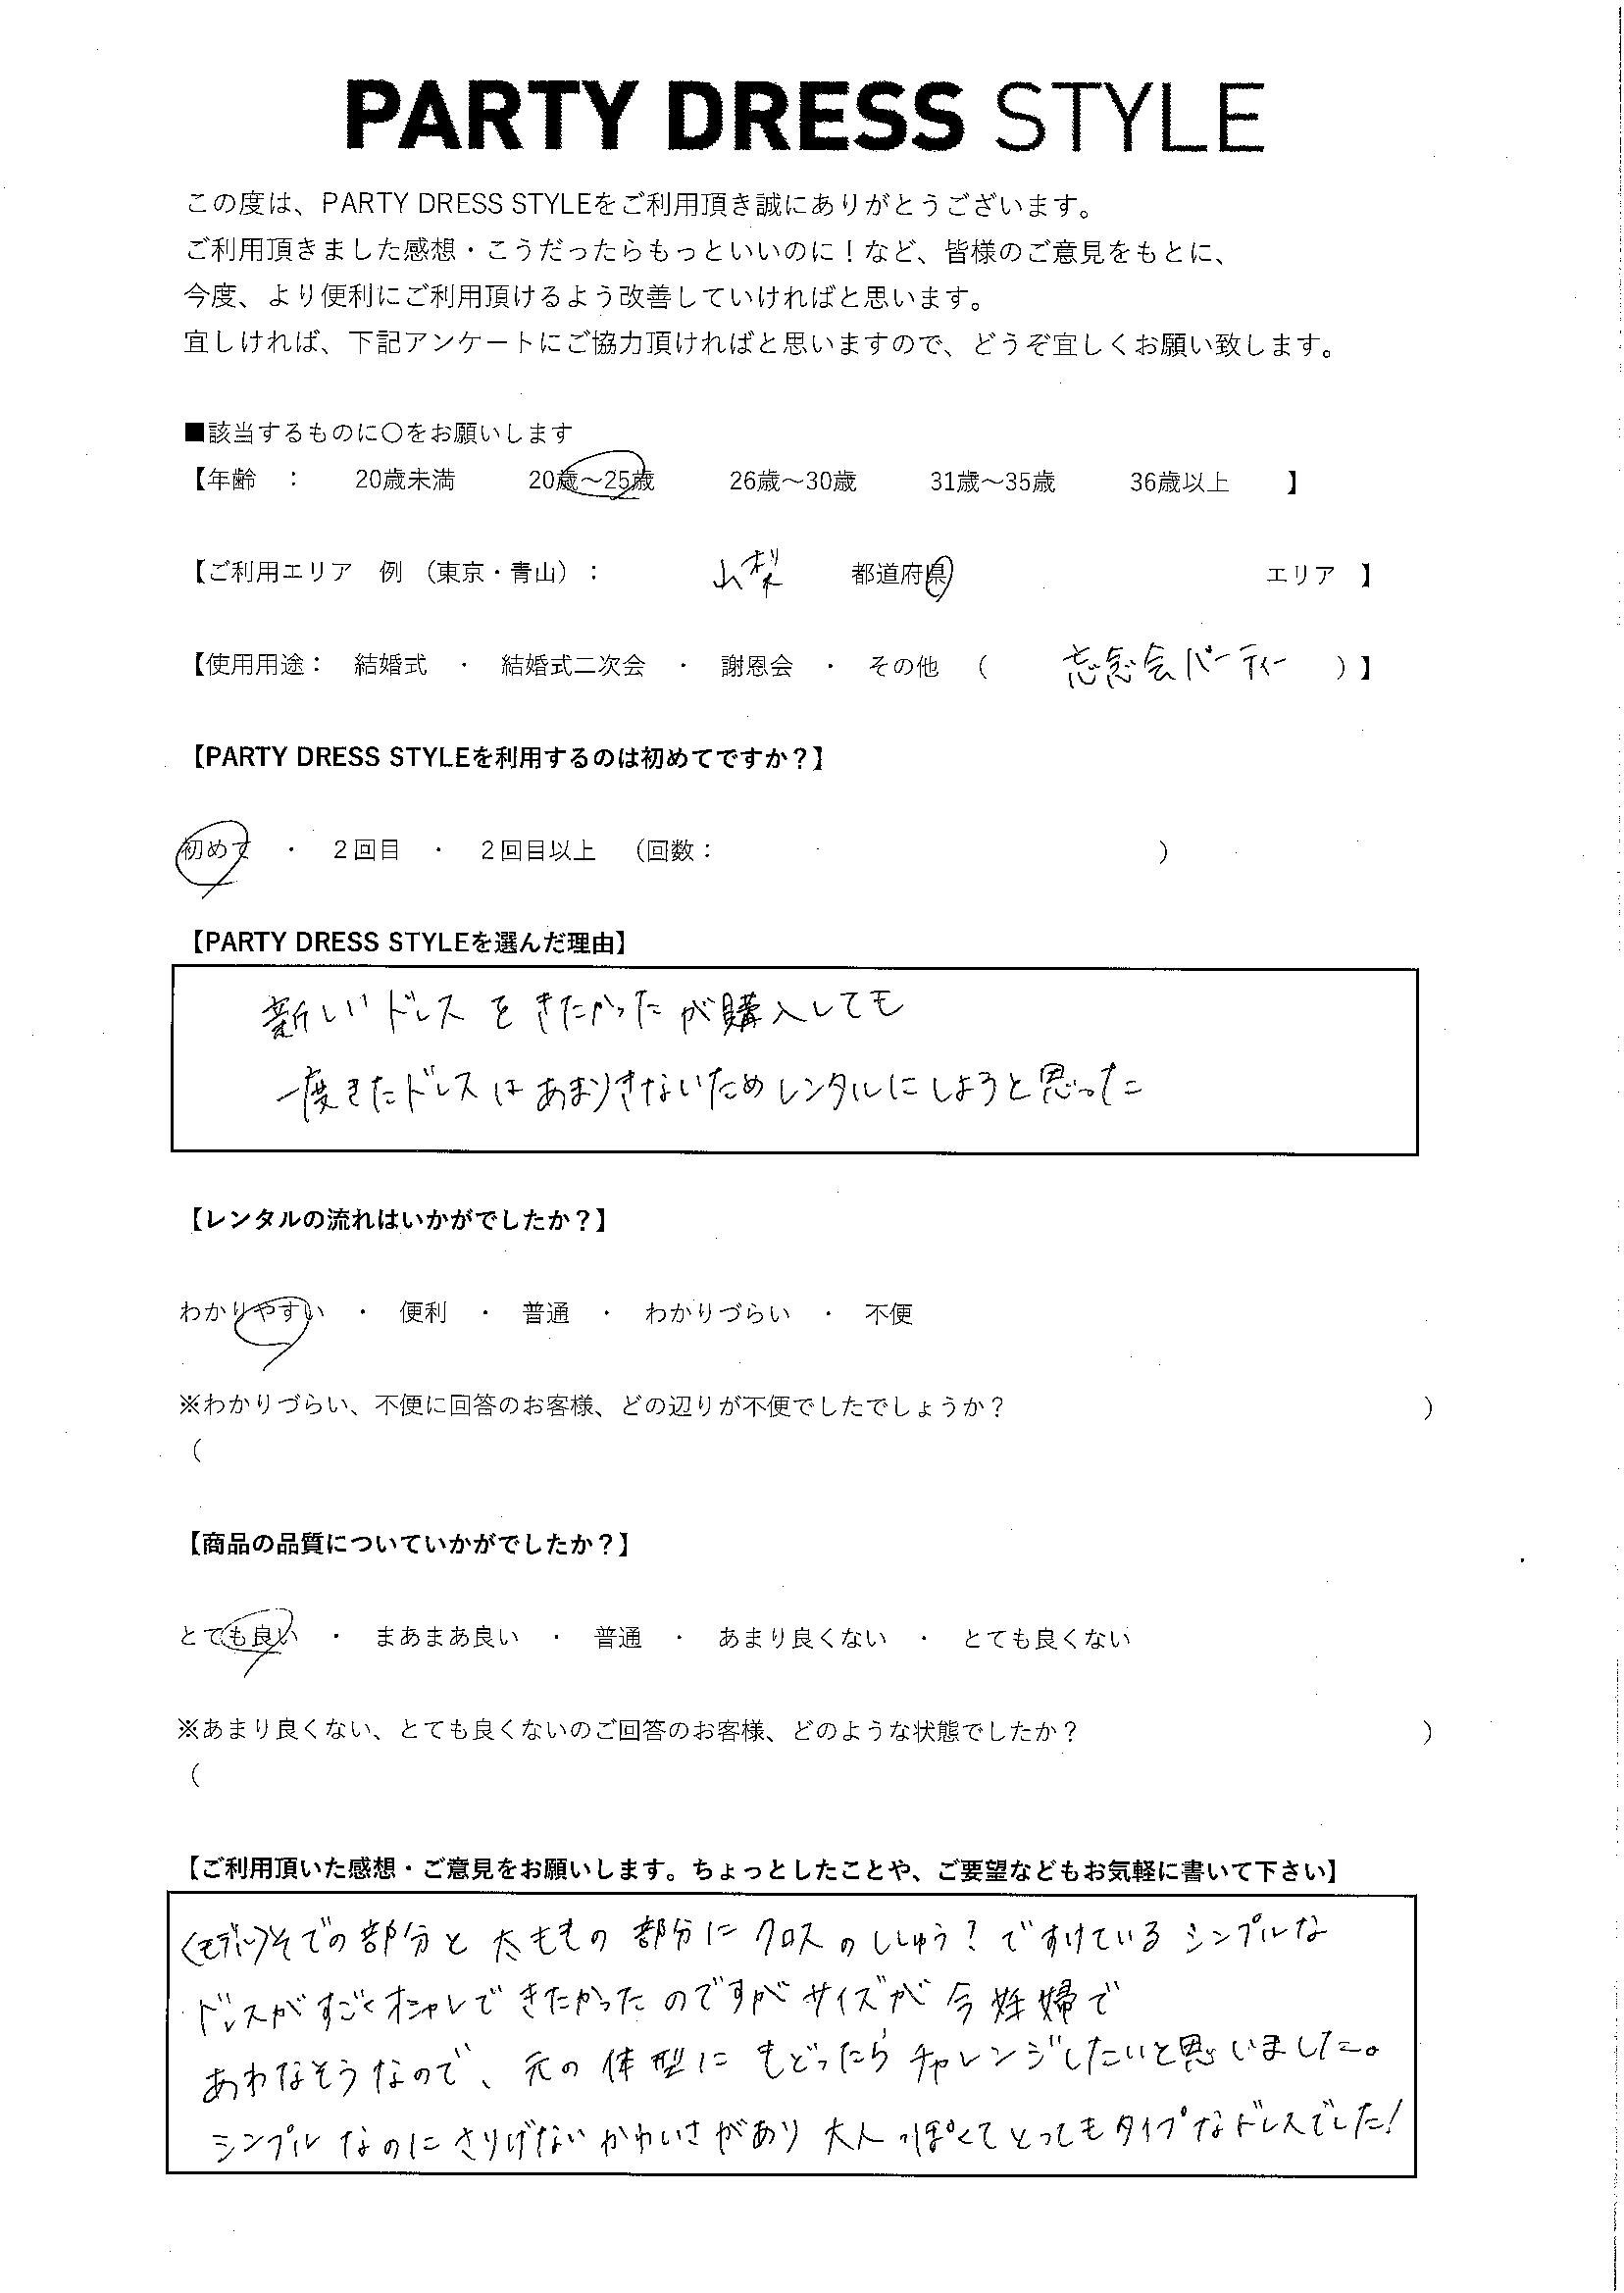 12/28忘年会ご利用 山梨エリア